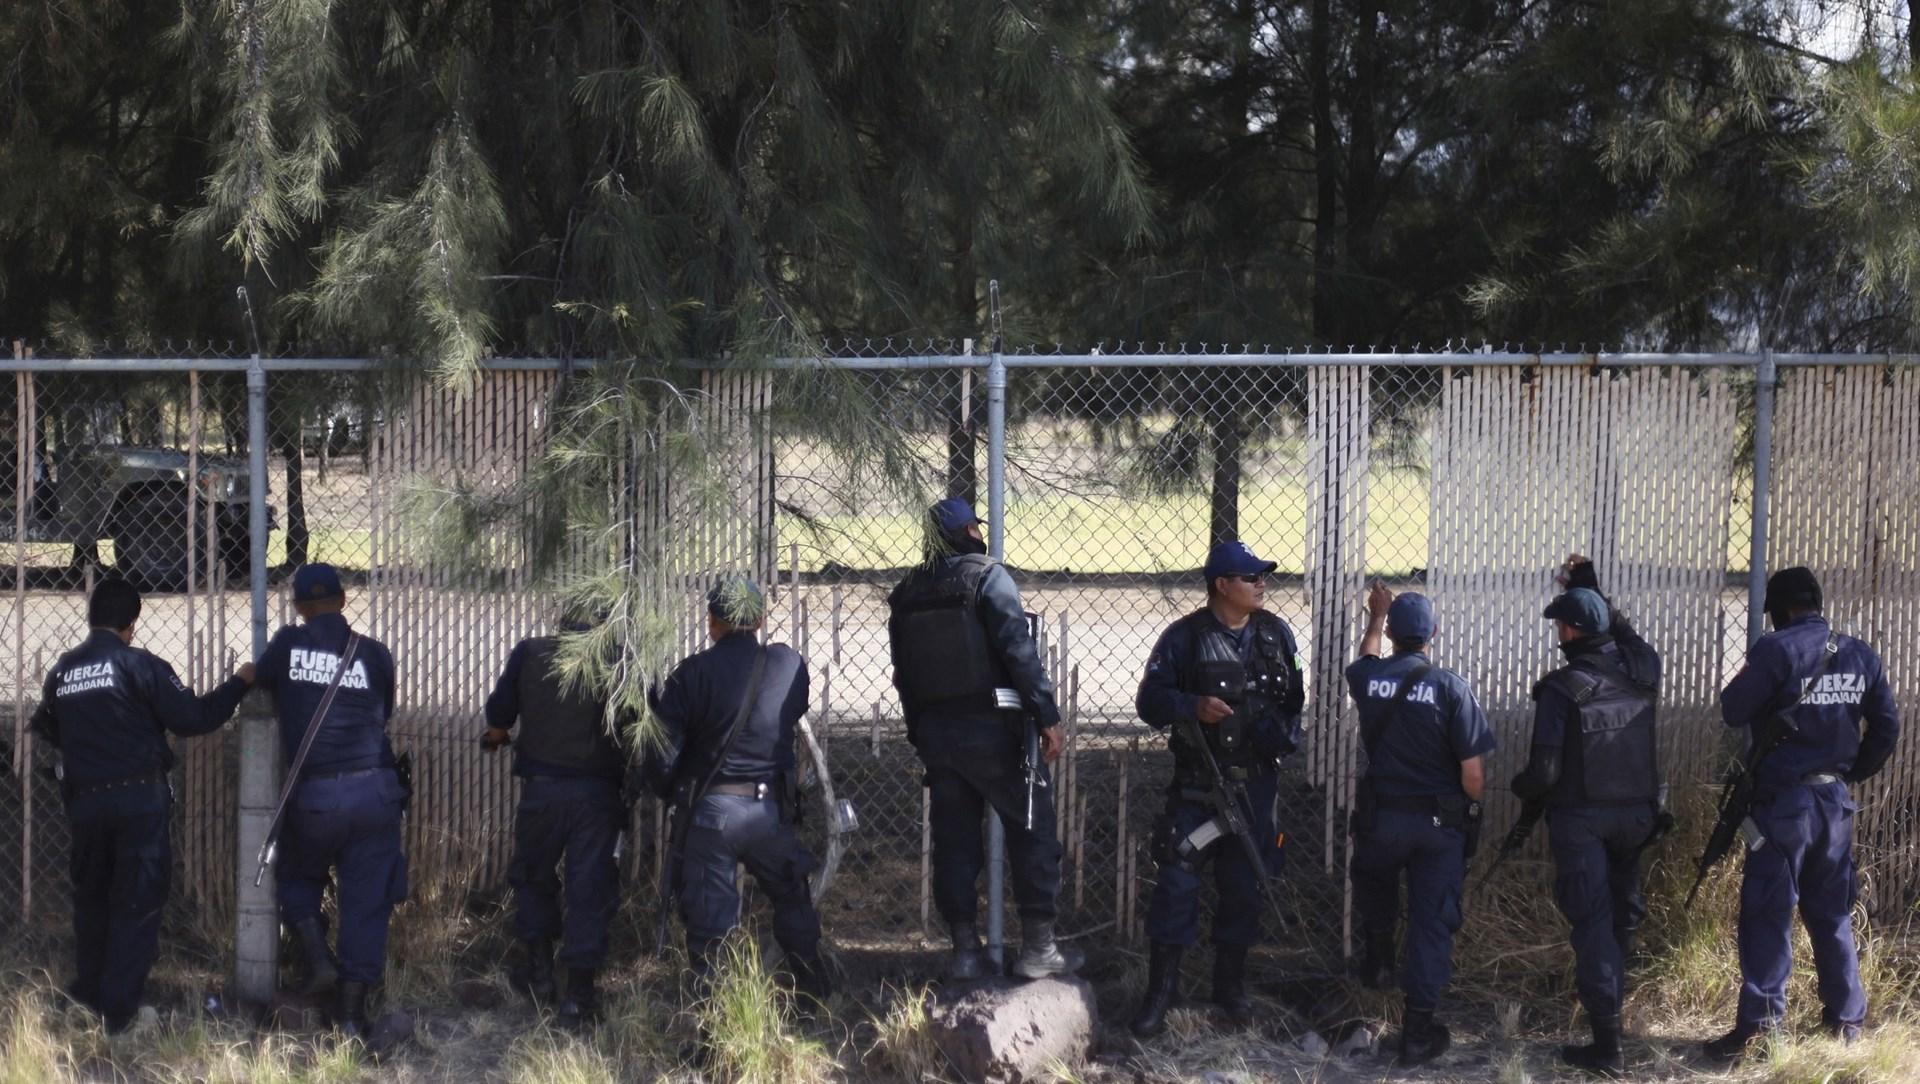 Մեքսիկայում  թմրաբիզնեսով զբաղվող հանցավոր խումբ է վնասազերծվել